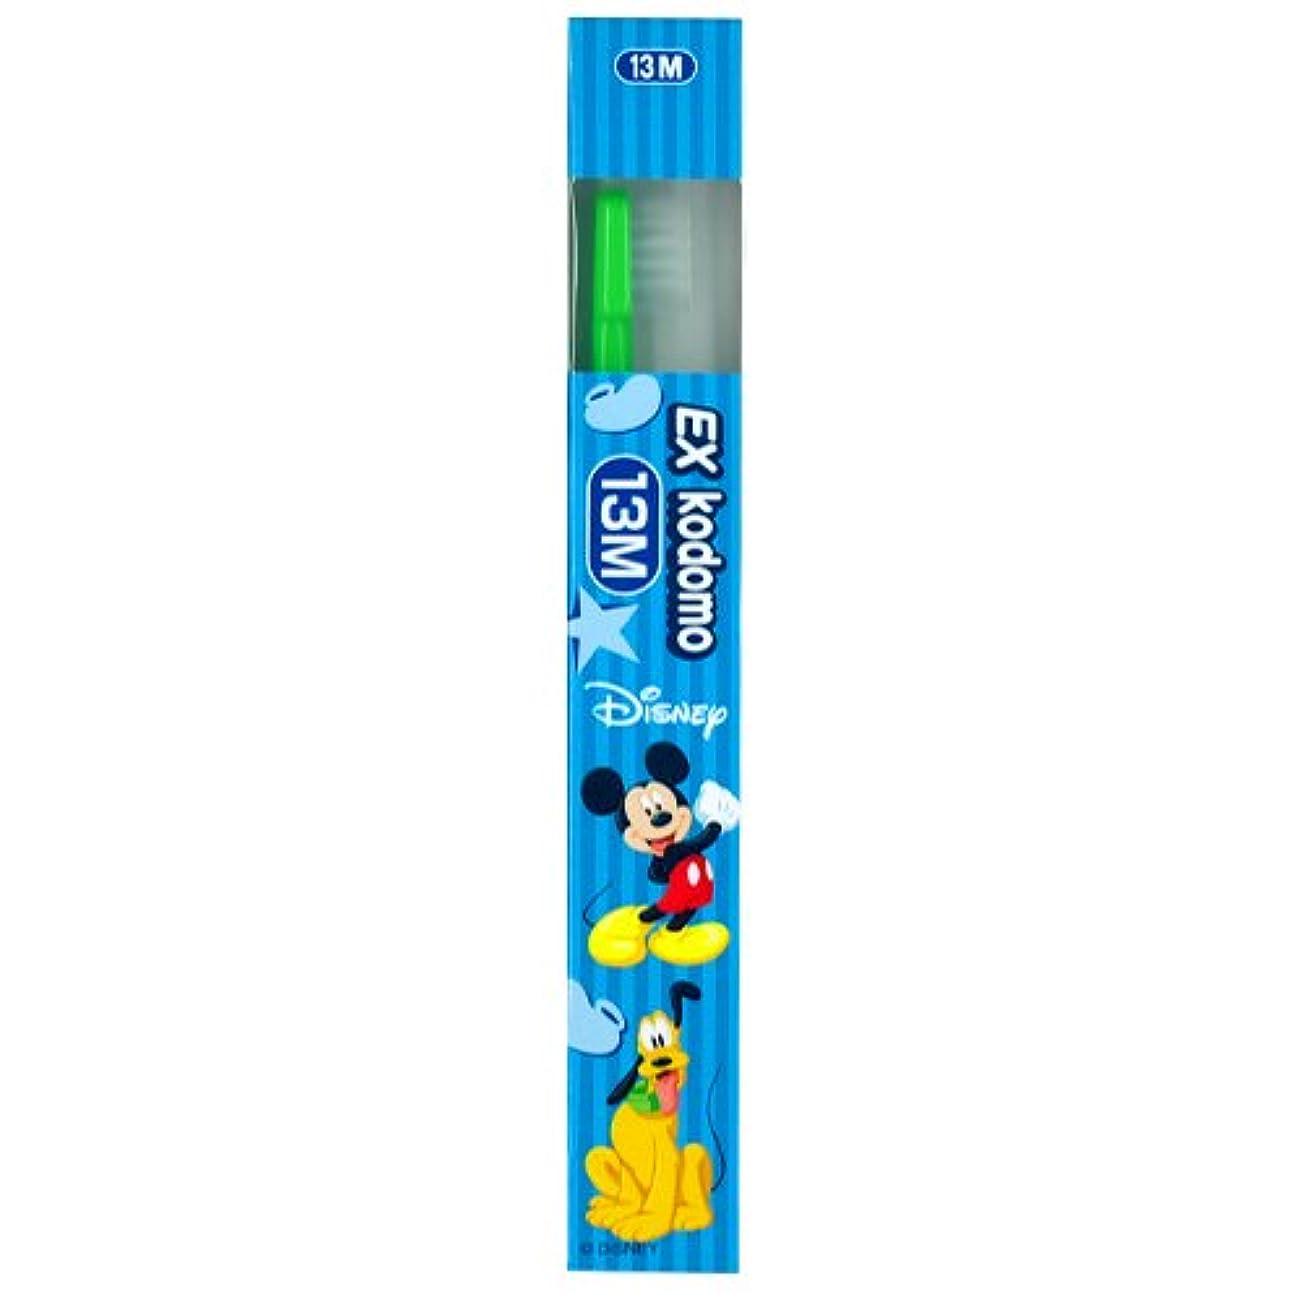 モナリザキノコ減衰ライオン EX kodomo ディズニー 歯ブラシ 1本 13M グリーン